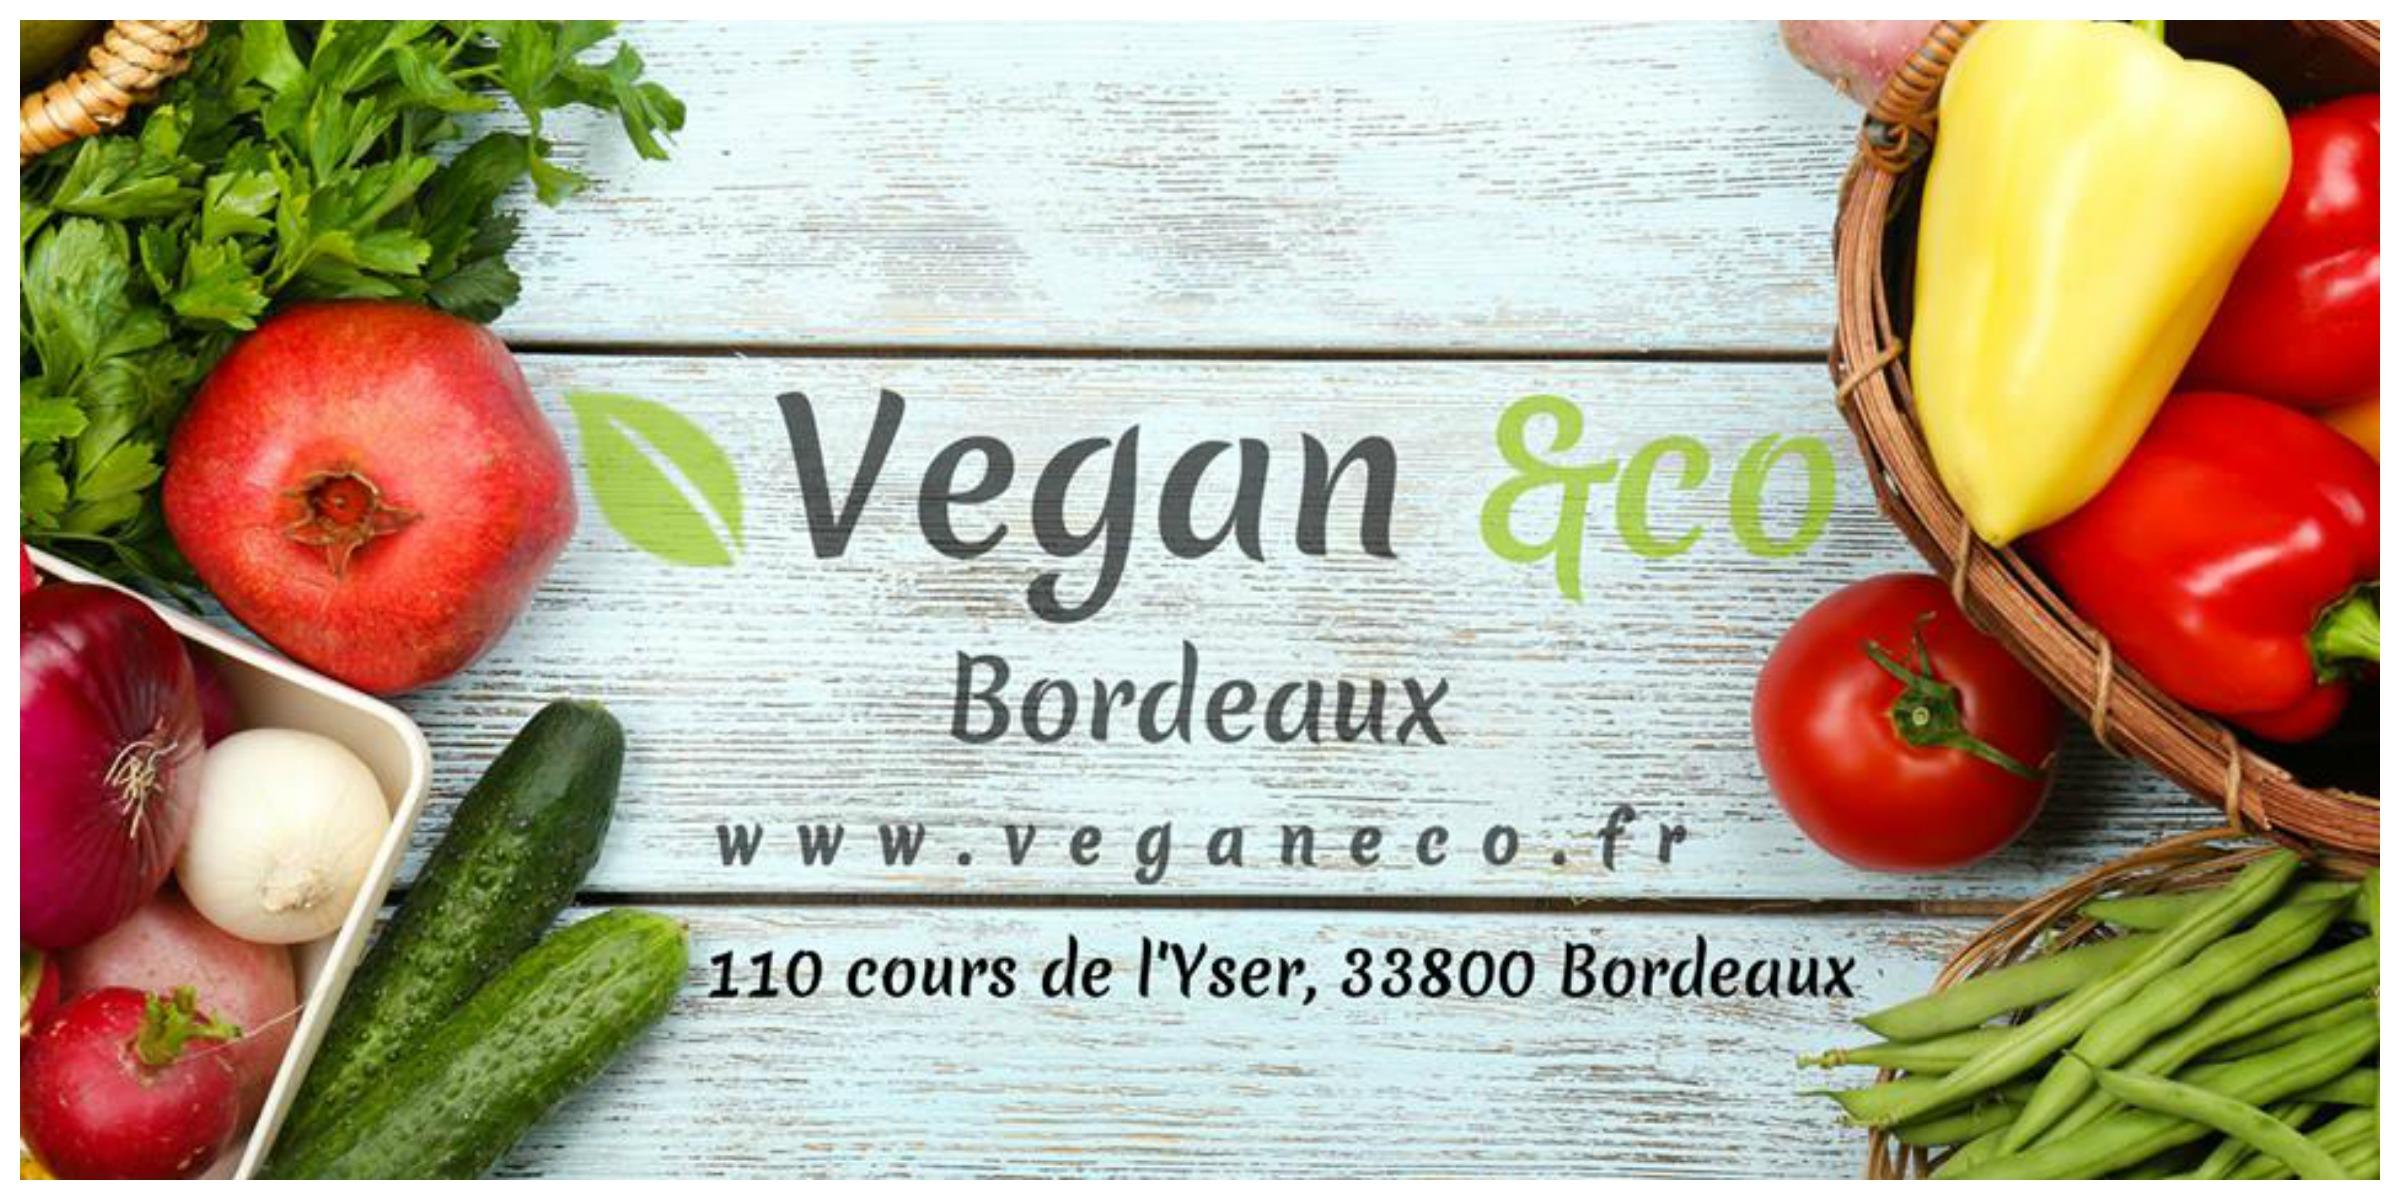 vegan co boutique vegan bordeaux bordelaise by mimi. Black Bedroom Furniture Sets. Home Design Ideas